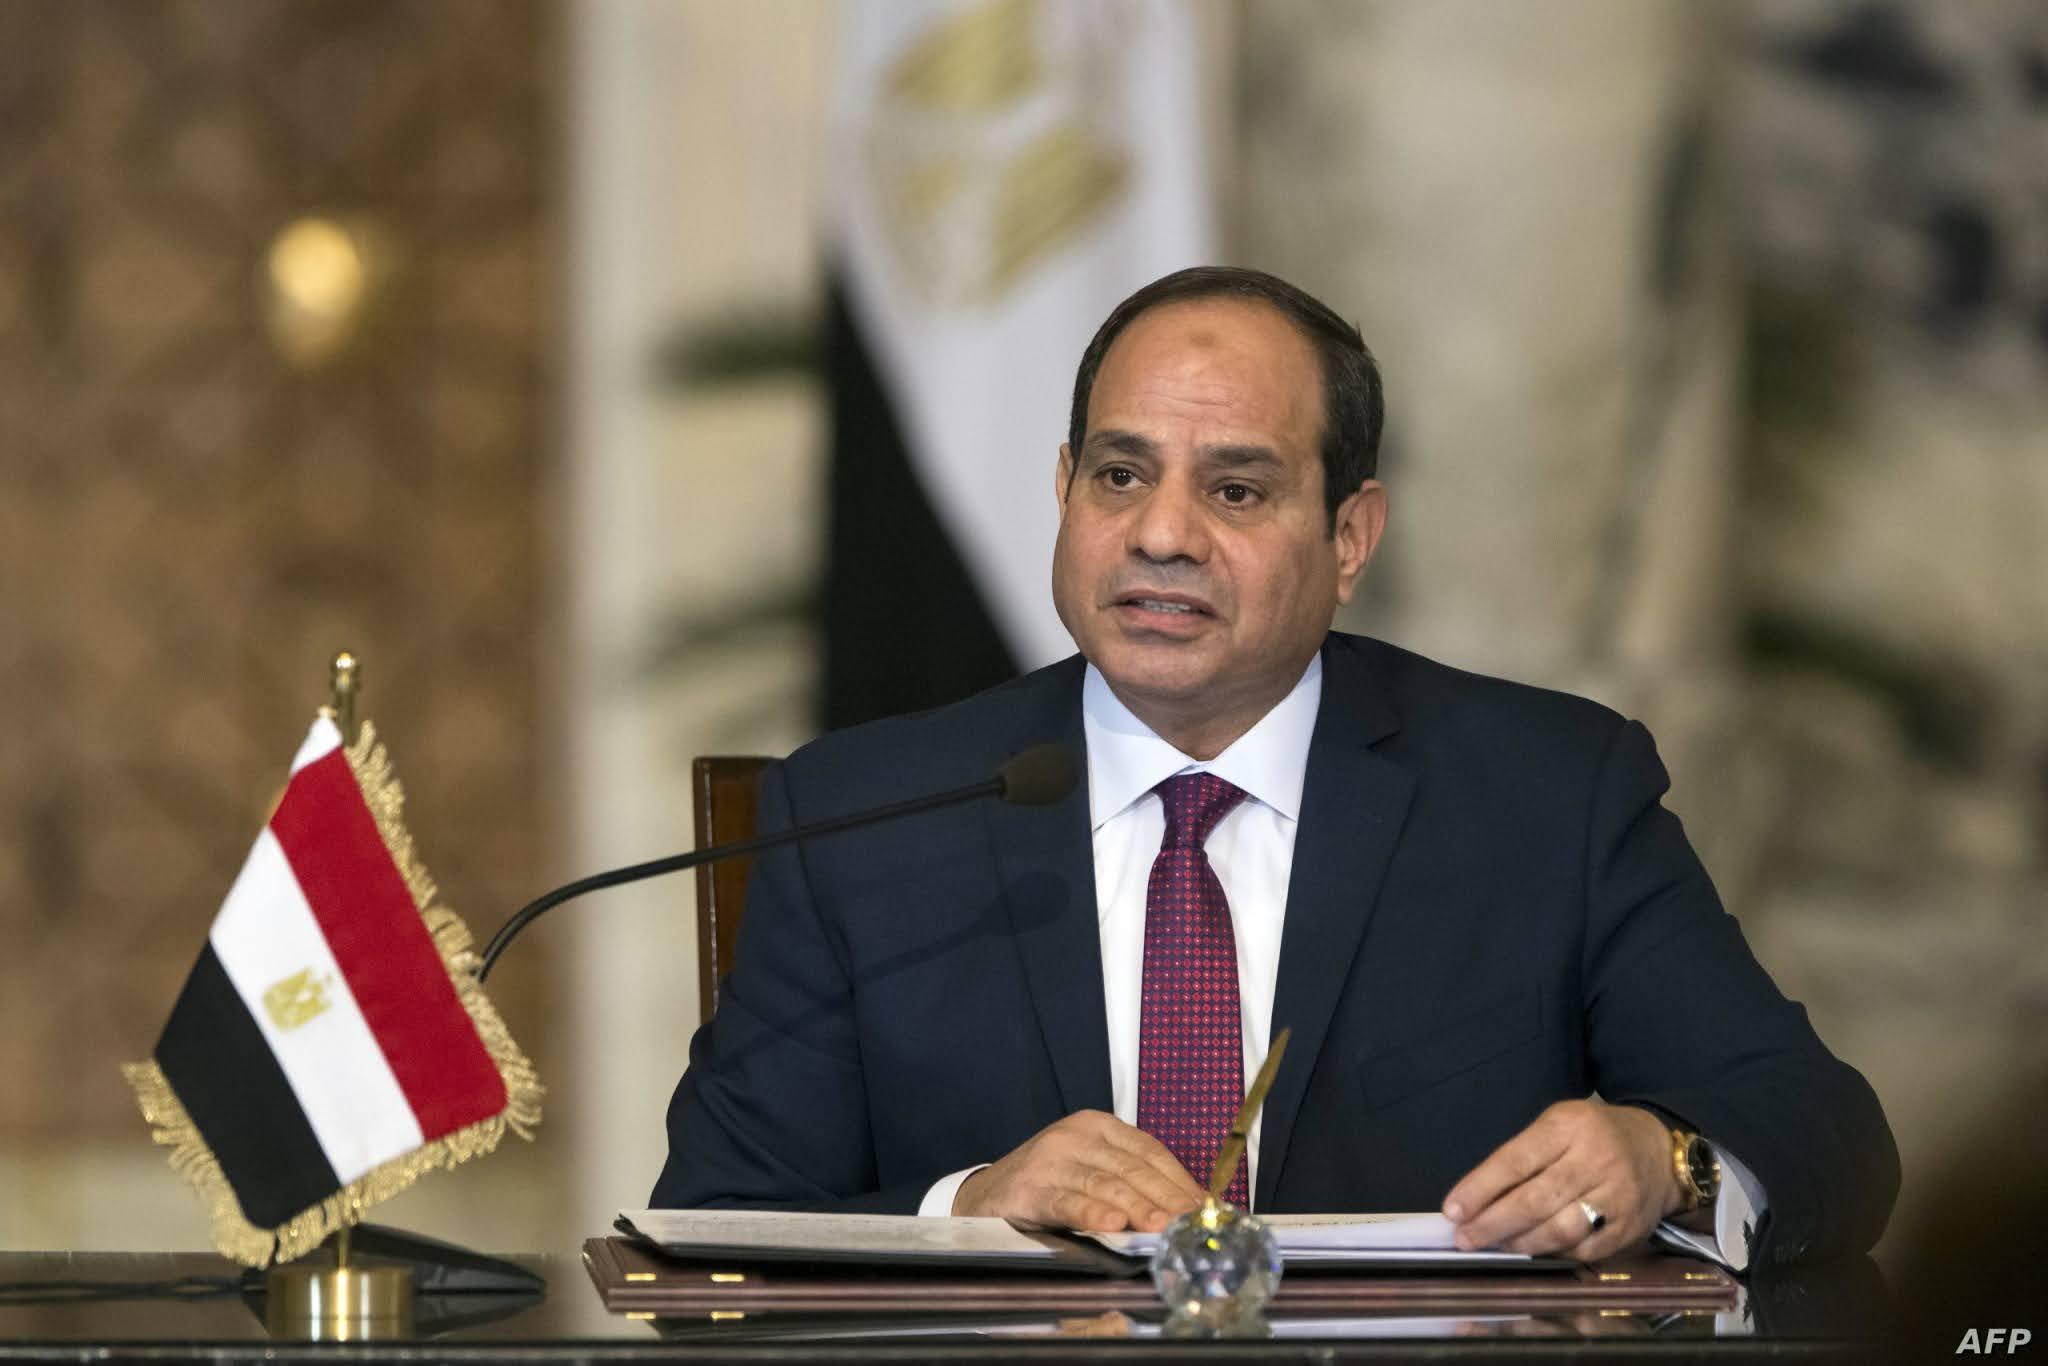 30 سنة بفائدة 3% ...الرئيس السيسي يوجه بإطلاق برنامج جديد للتمويل العقاري لمحدودي ومتوسطي الدخل